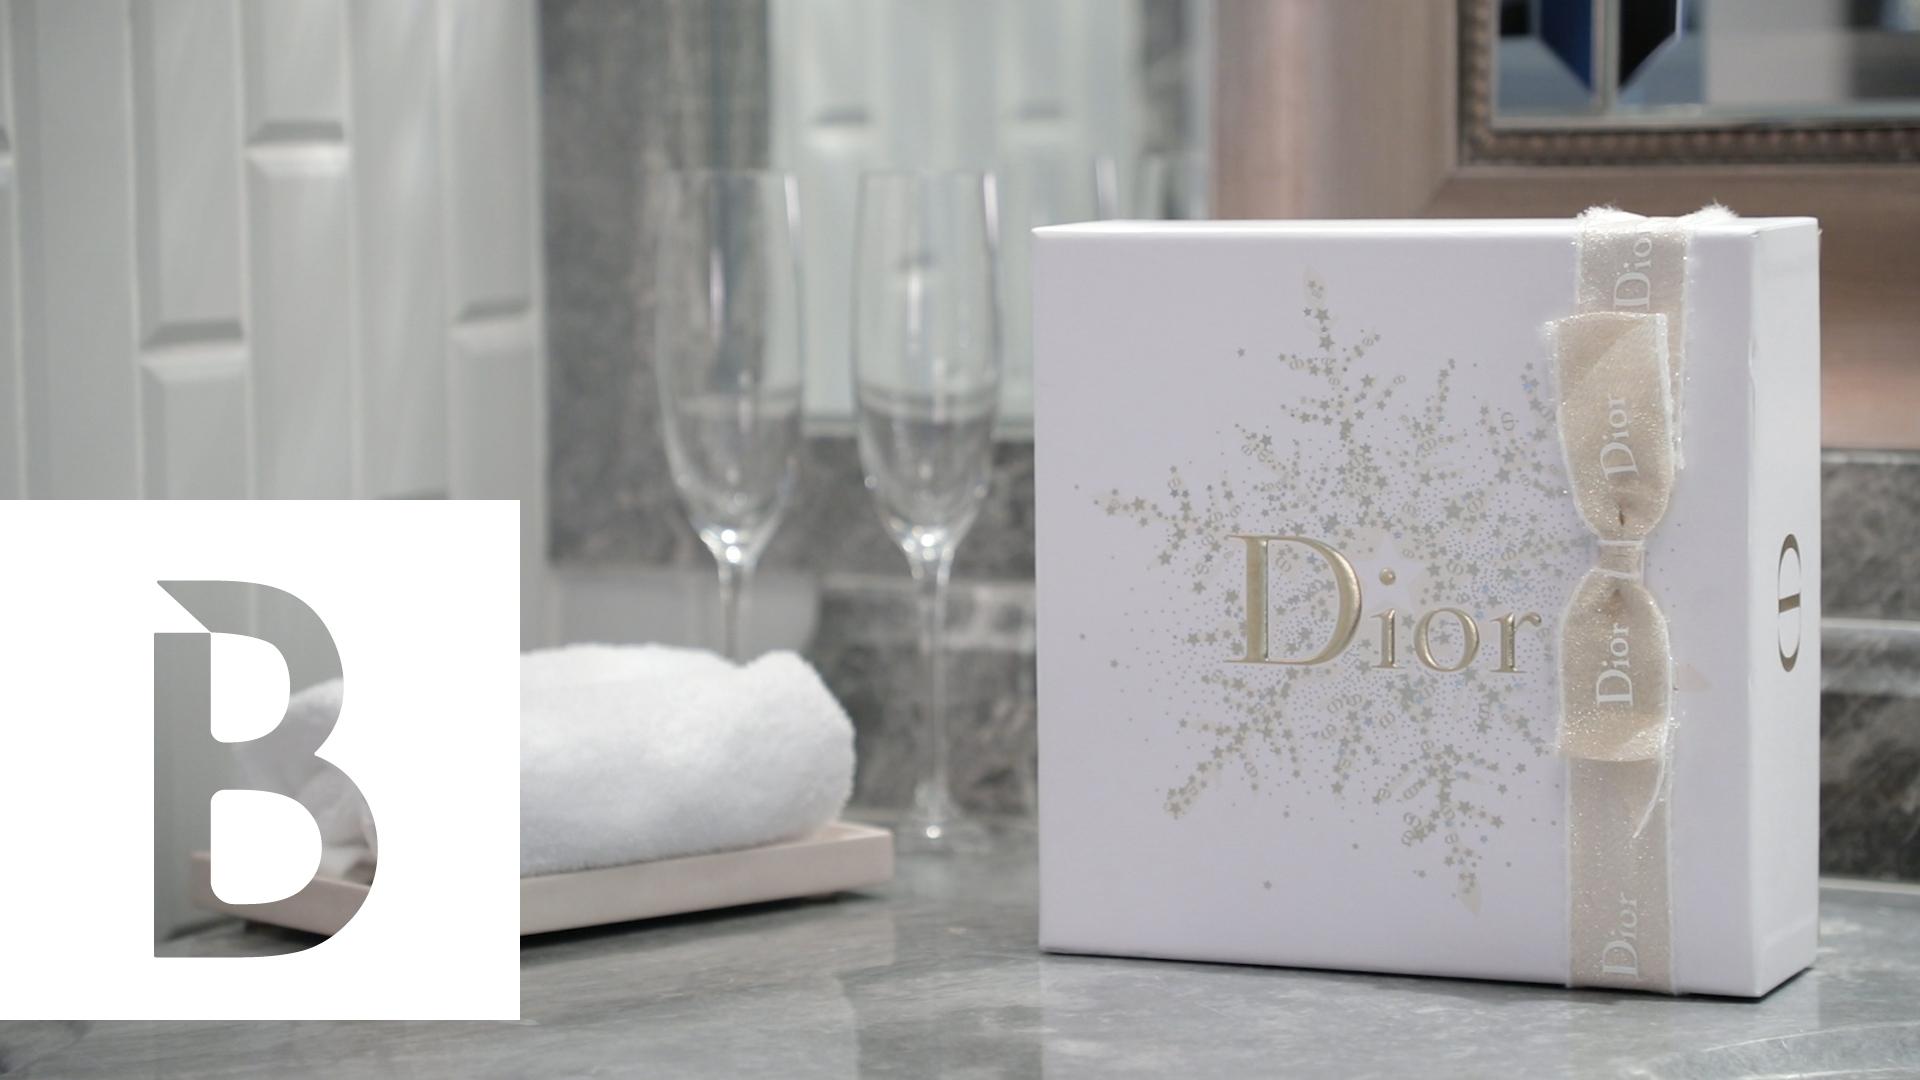 【2017聖誕倒數 Day 19 】今年聖誕用女人味一決勝負!讓Dior迪奧J'adore香氛讓男友更愛妳!